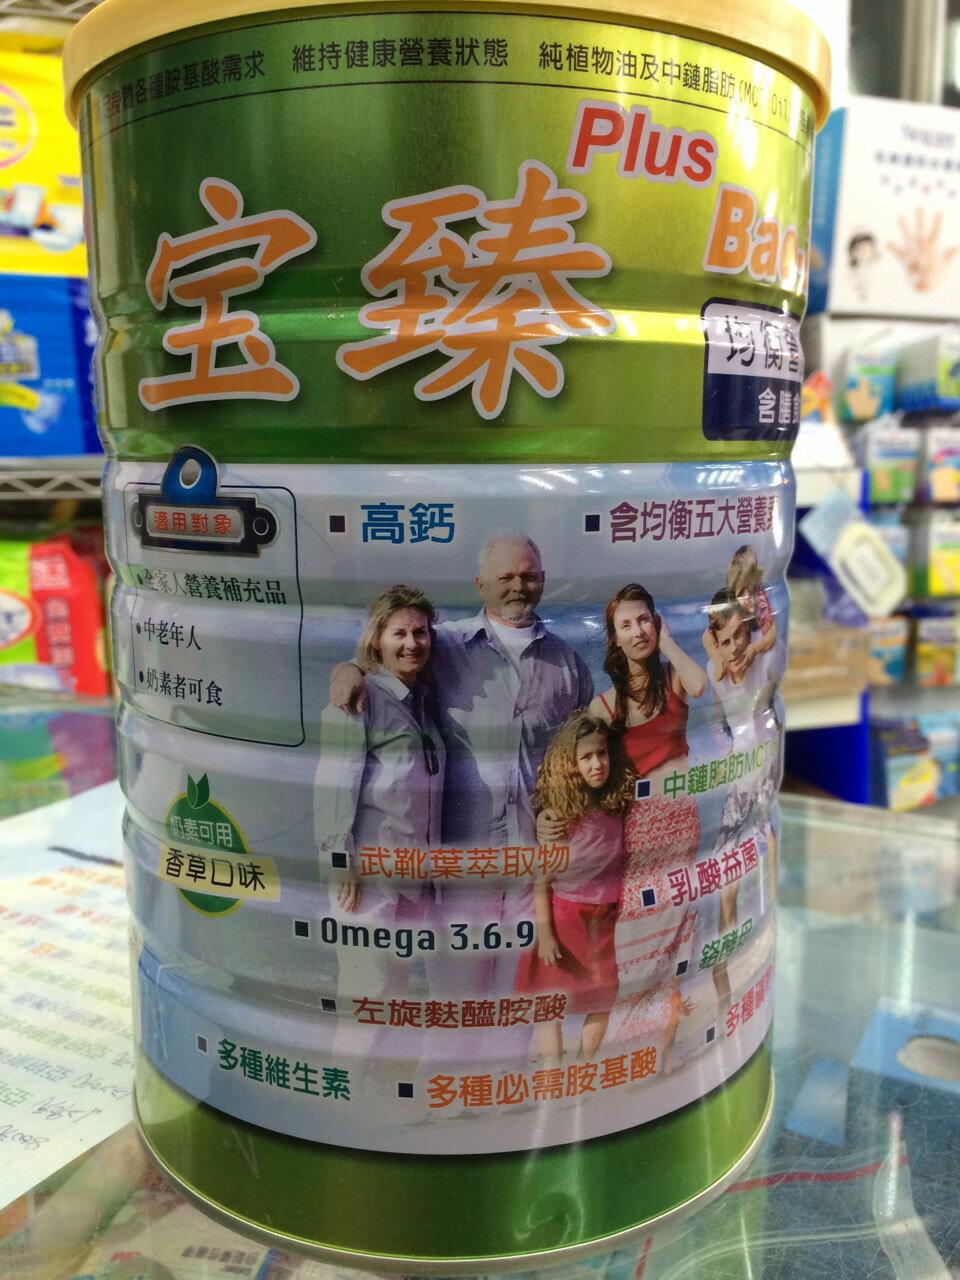 永大醫療~博智  寶臻均衡營養素香草口味一罐800元購買一箱6罐再送您1罐!!